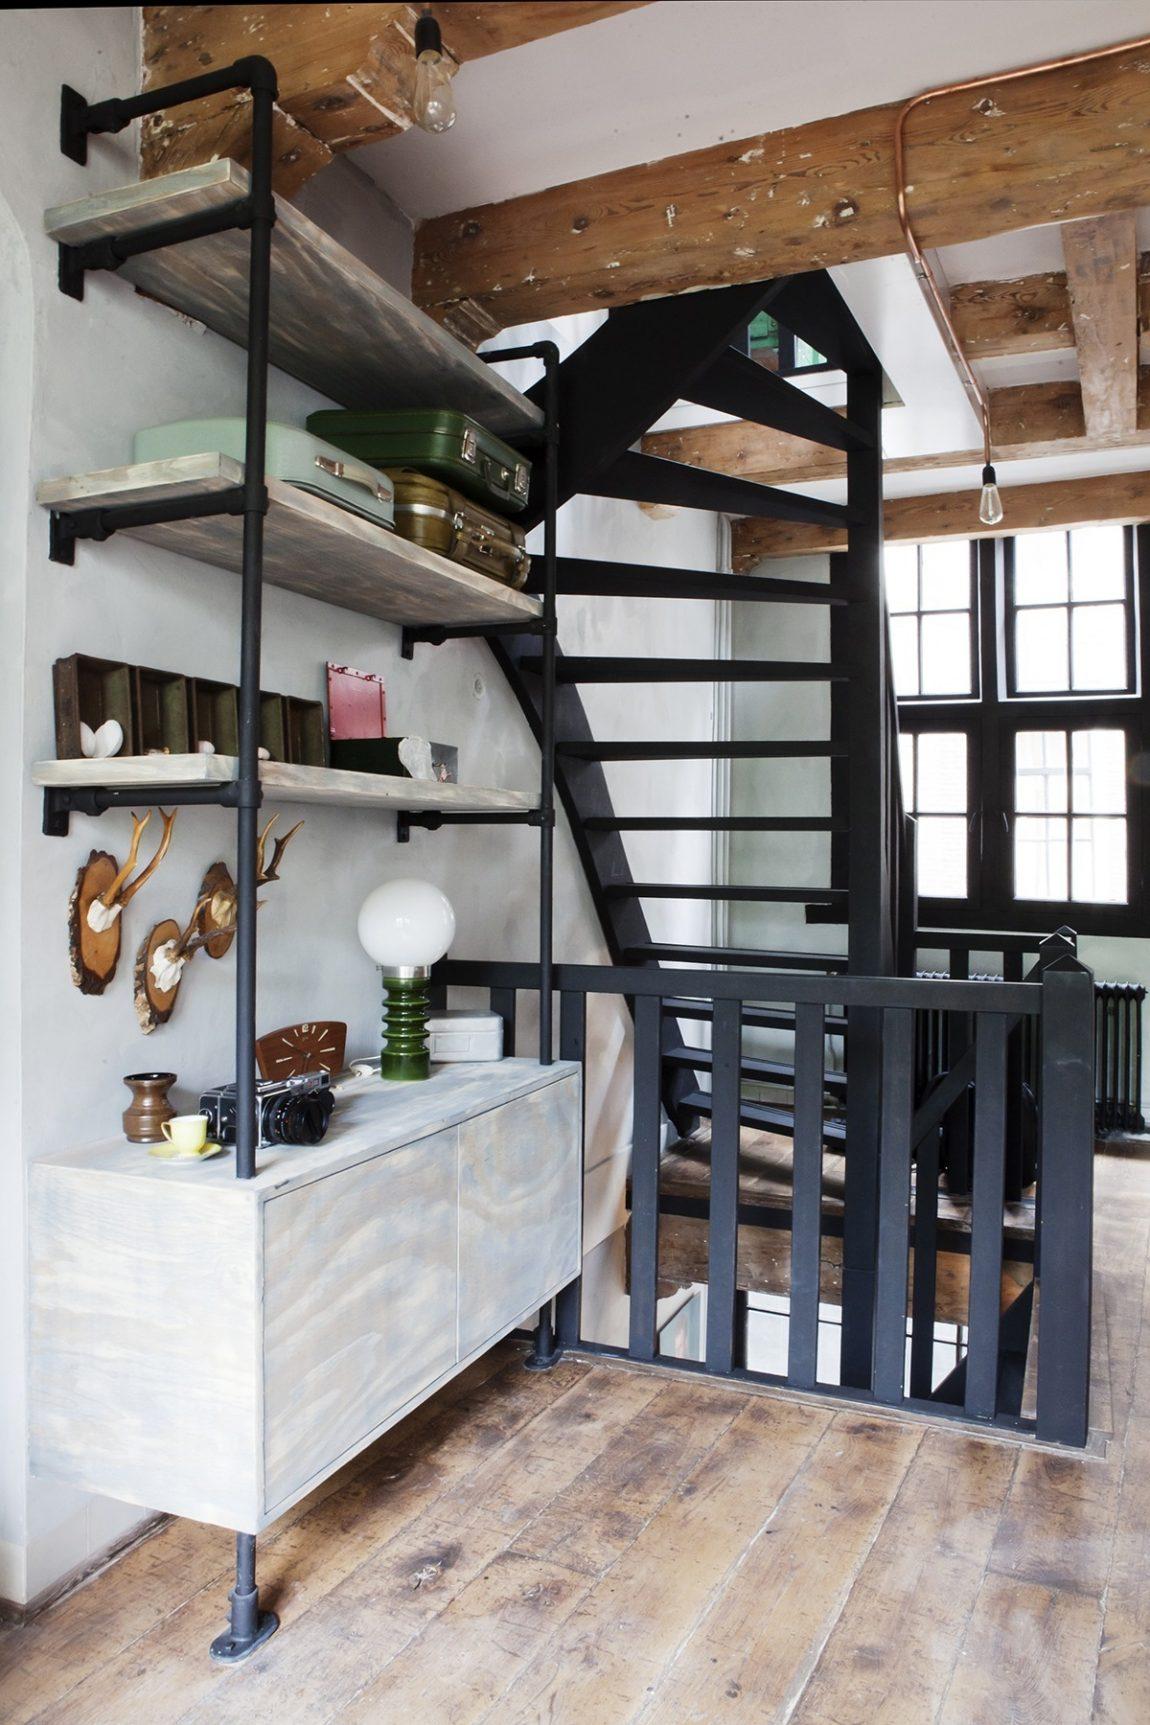 interieurmix-industrieel-vintage-klassiek